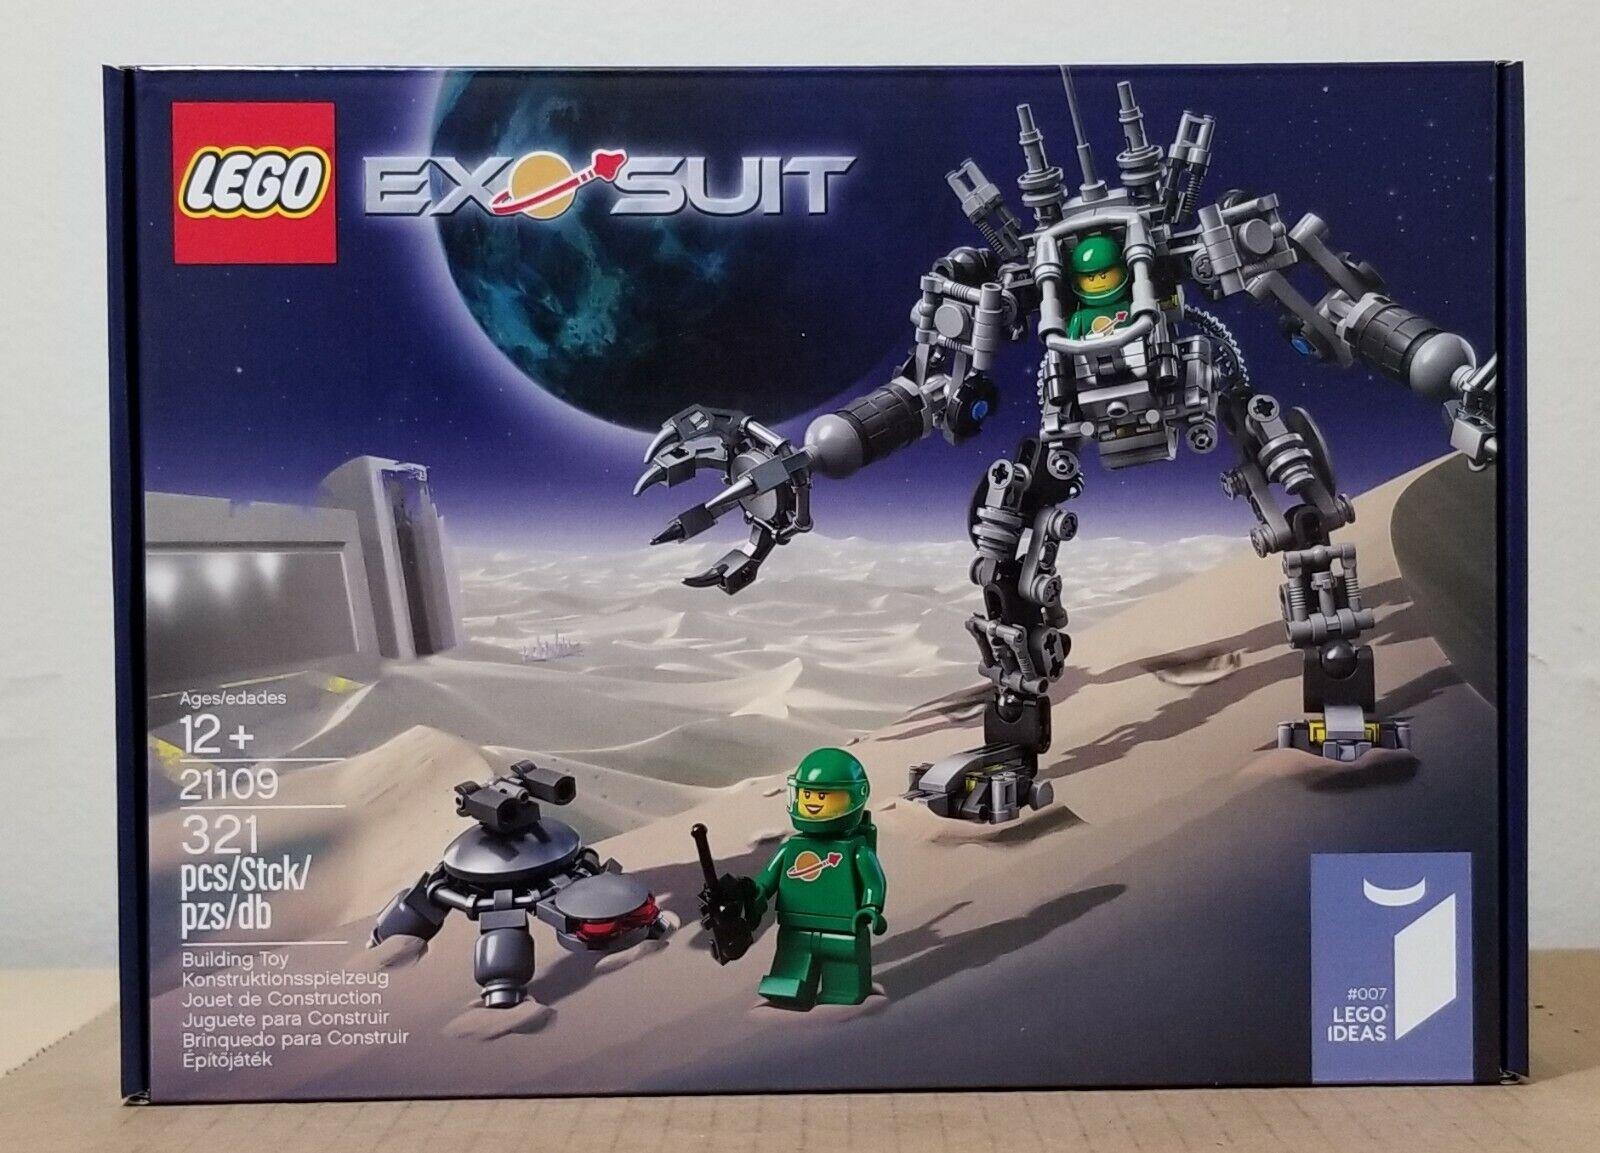 Lego - Ideas - Exosuit - Set No. 21109 21109 21109 (New) 719b09